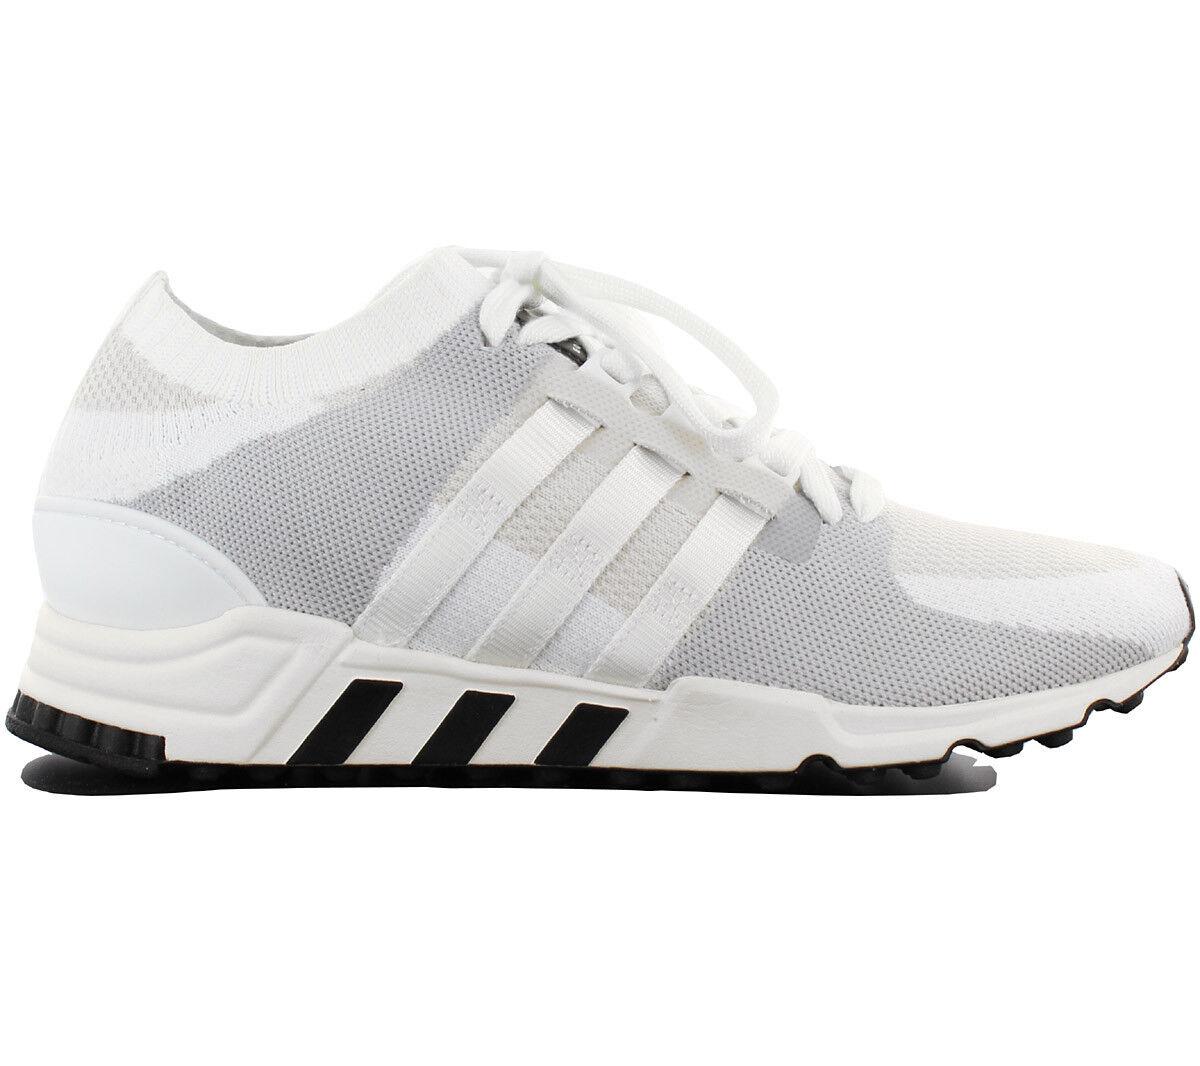 Adidas Equipment EQT Support RF Weiß PK Primeknit Sneaker Schuhe Weiß RF BA7507 NEU 8ef64e